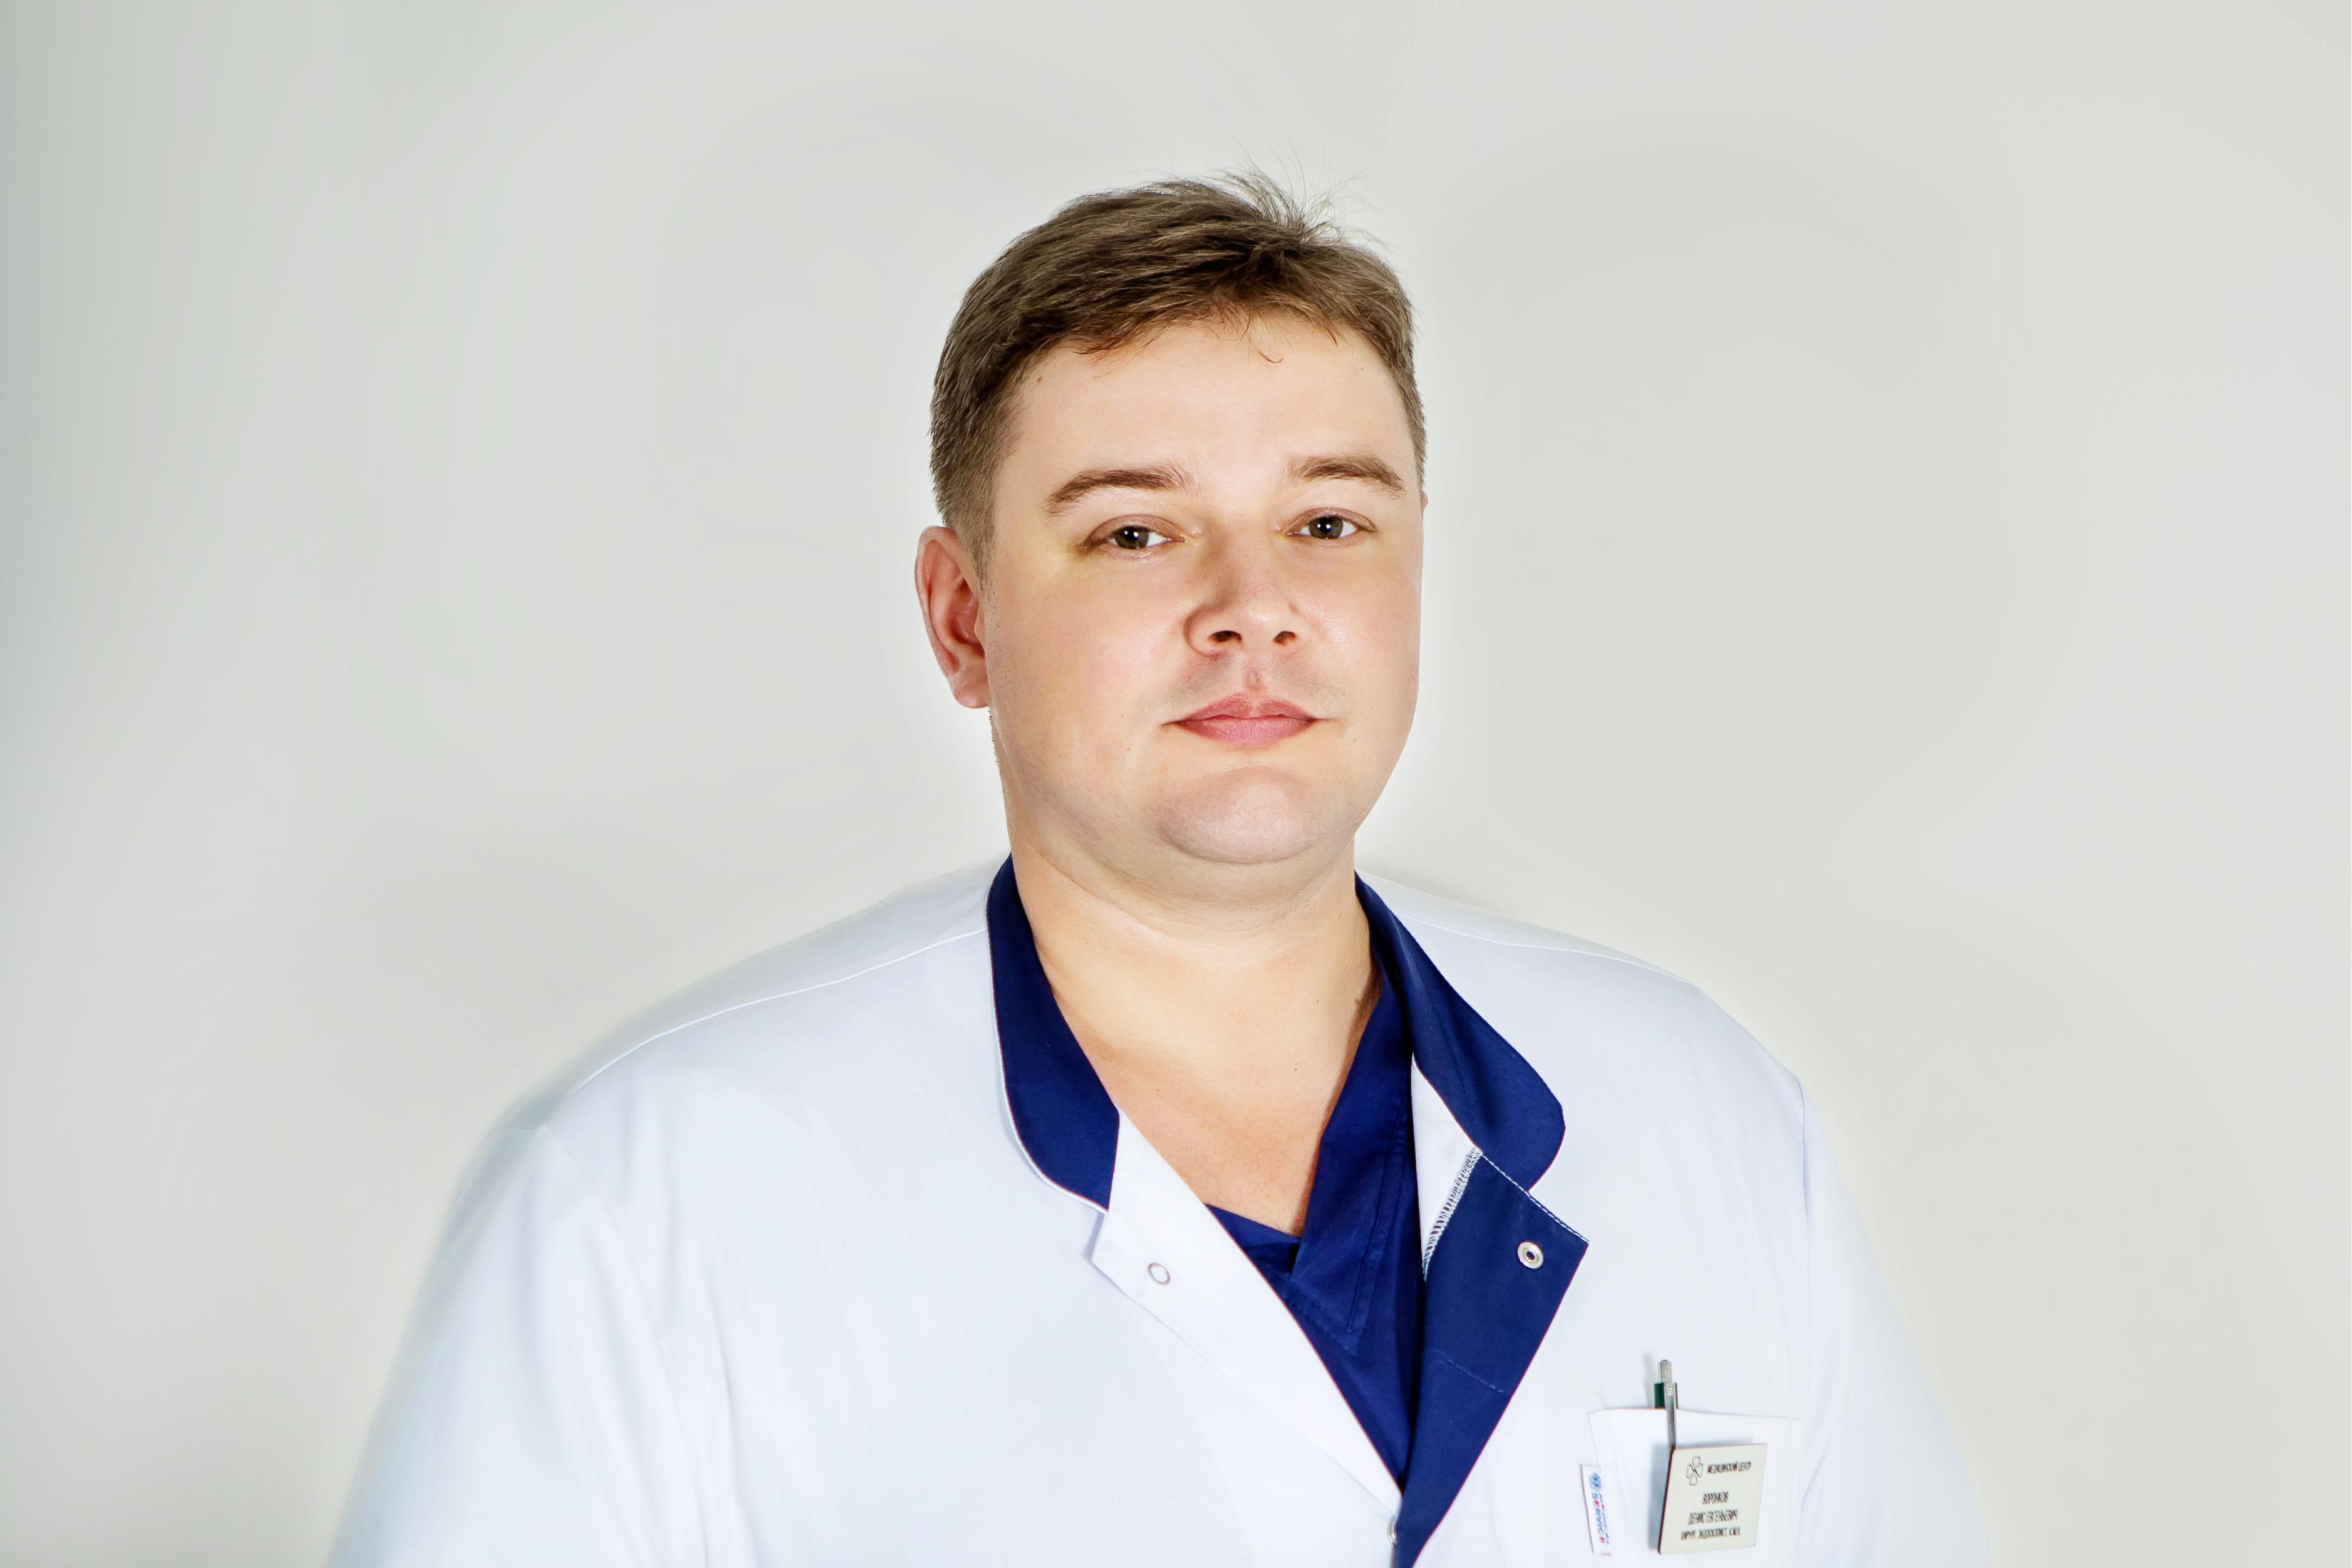 Воронков Денис Евгеньевич